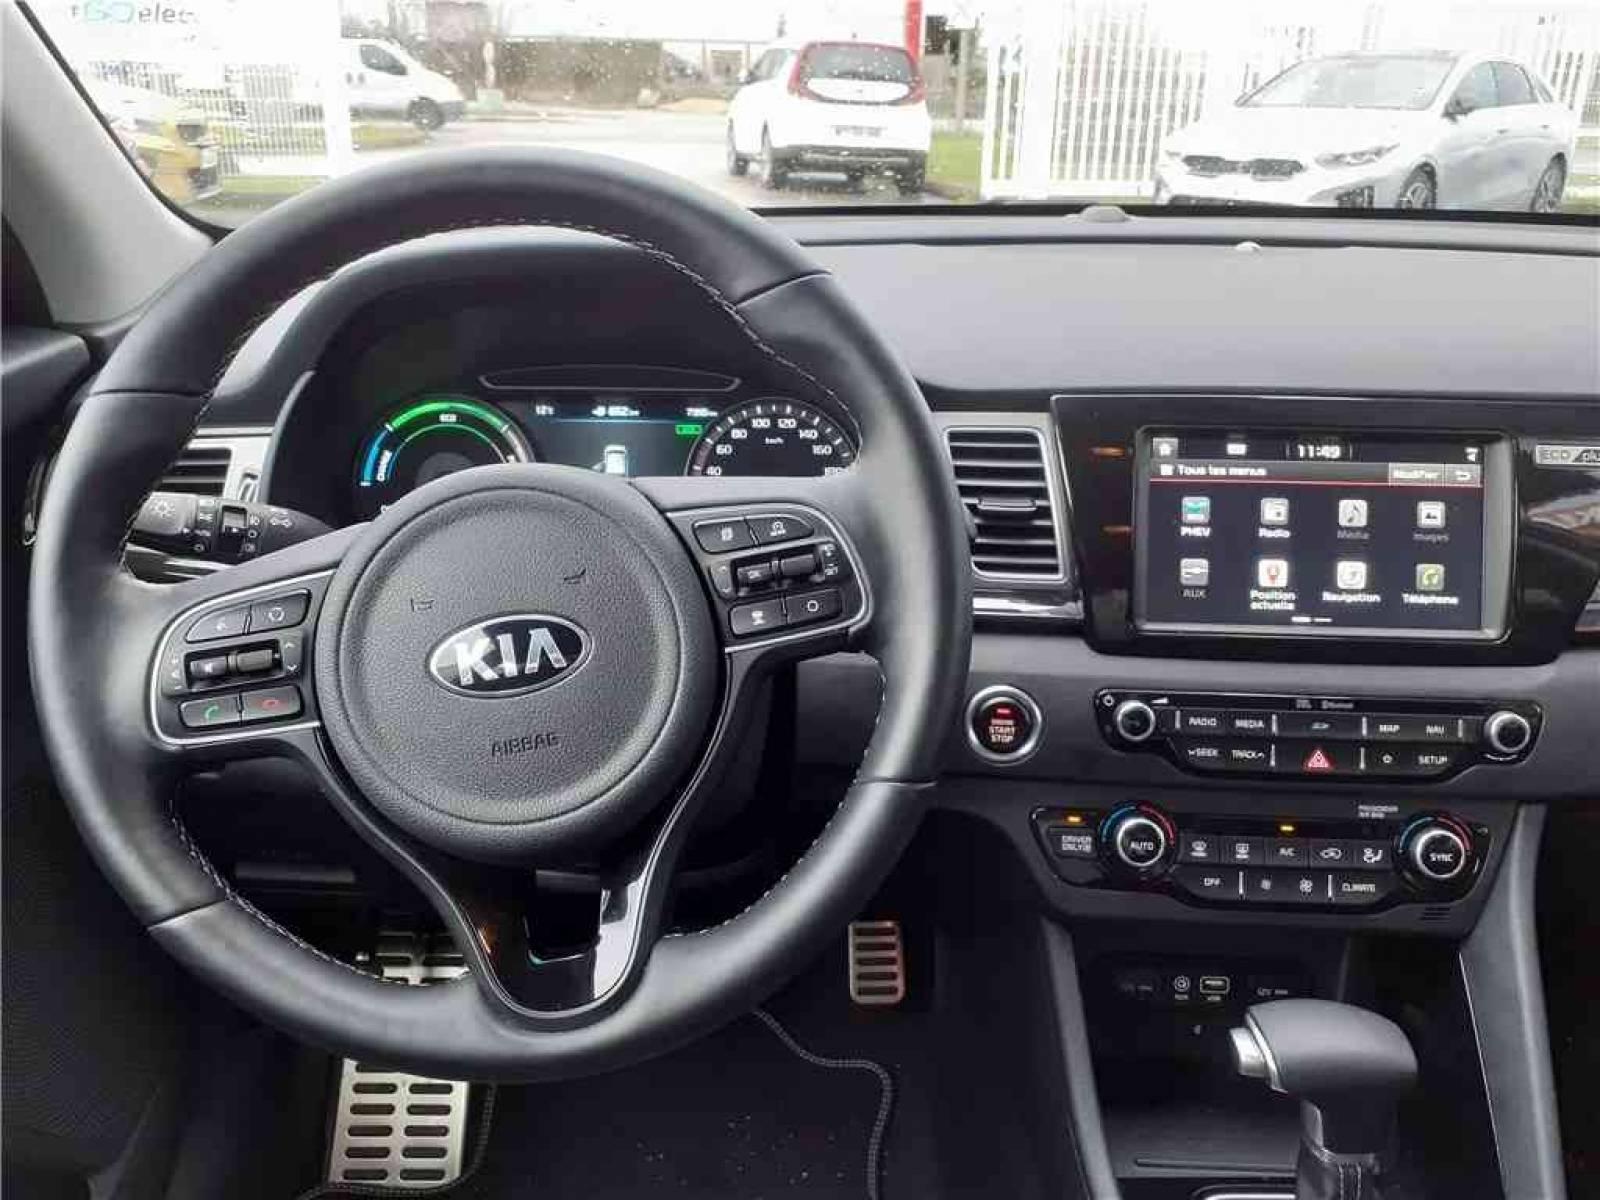 KIA Niro Hybrid Recharg 1.6 GDi 105 ch ISG + Elec 60.5 ch DCT6 - véhicule d'occasion - Groupe Guillet - Hall de l'automobile - Chalon sur Saône - 71380 - Saint-Marcel - 38